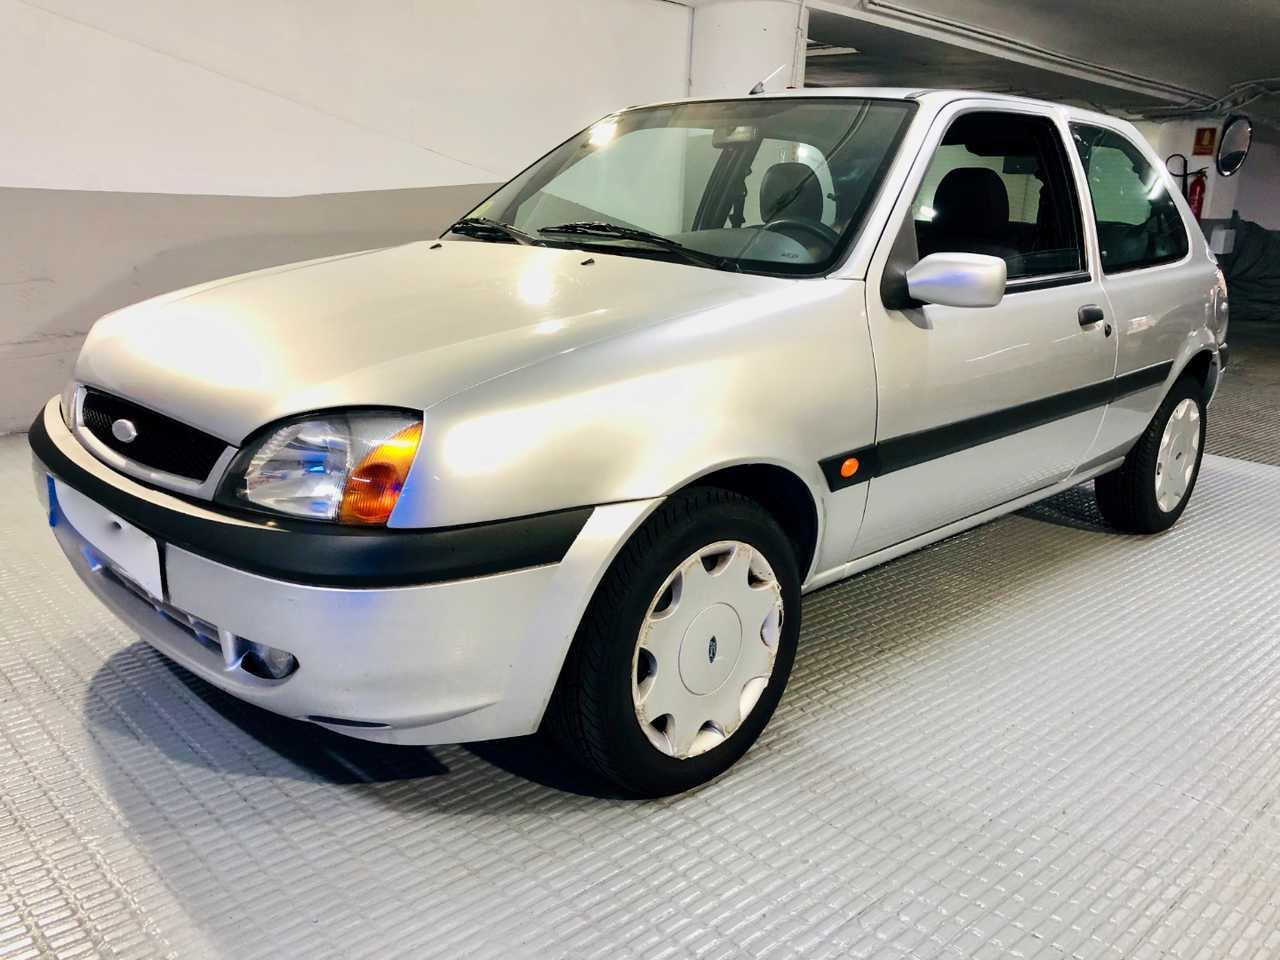 Ford Fiesta 1.3 Trend 60cv. Aire acondicionado.   - Foto 1